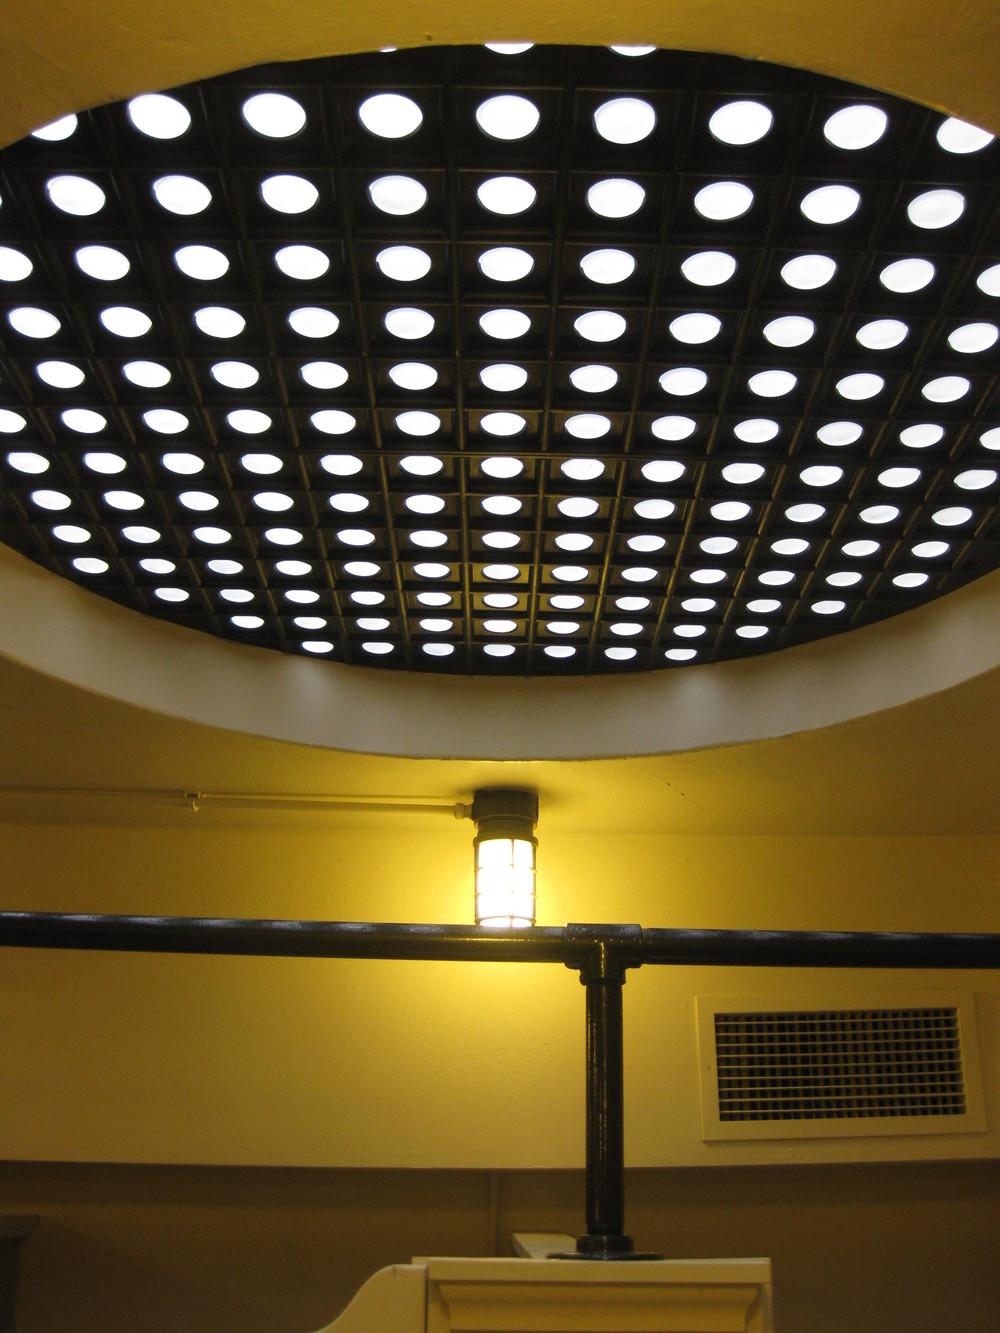 New sidewalk lights from below